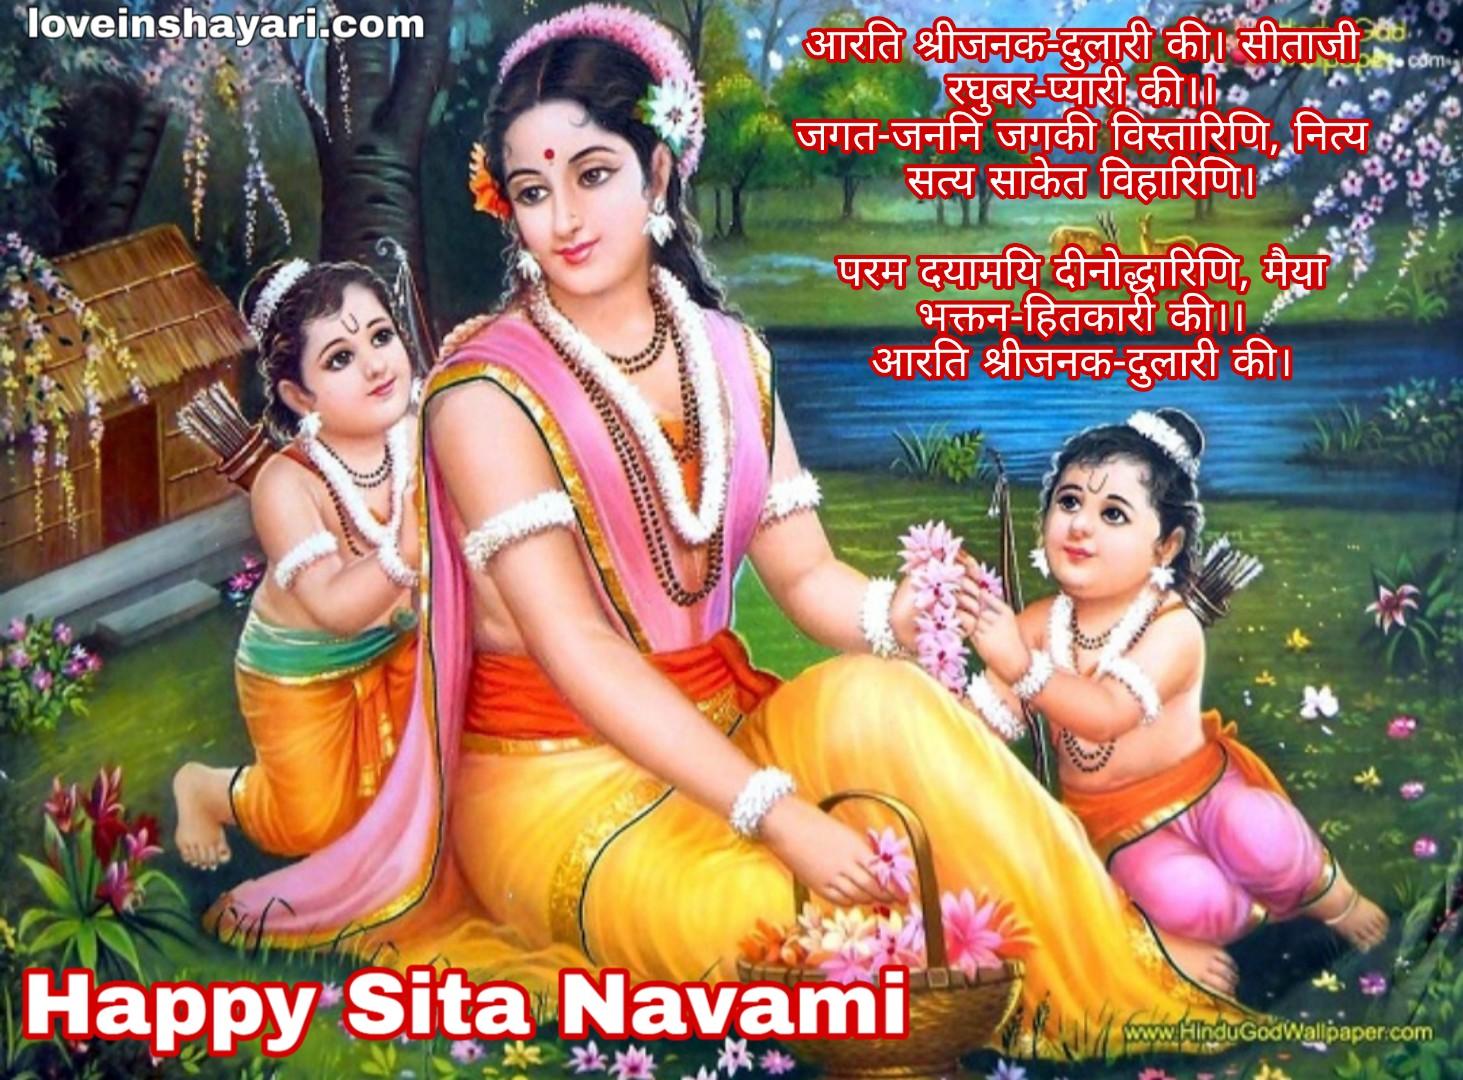 Sita navami status whatsapp status